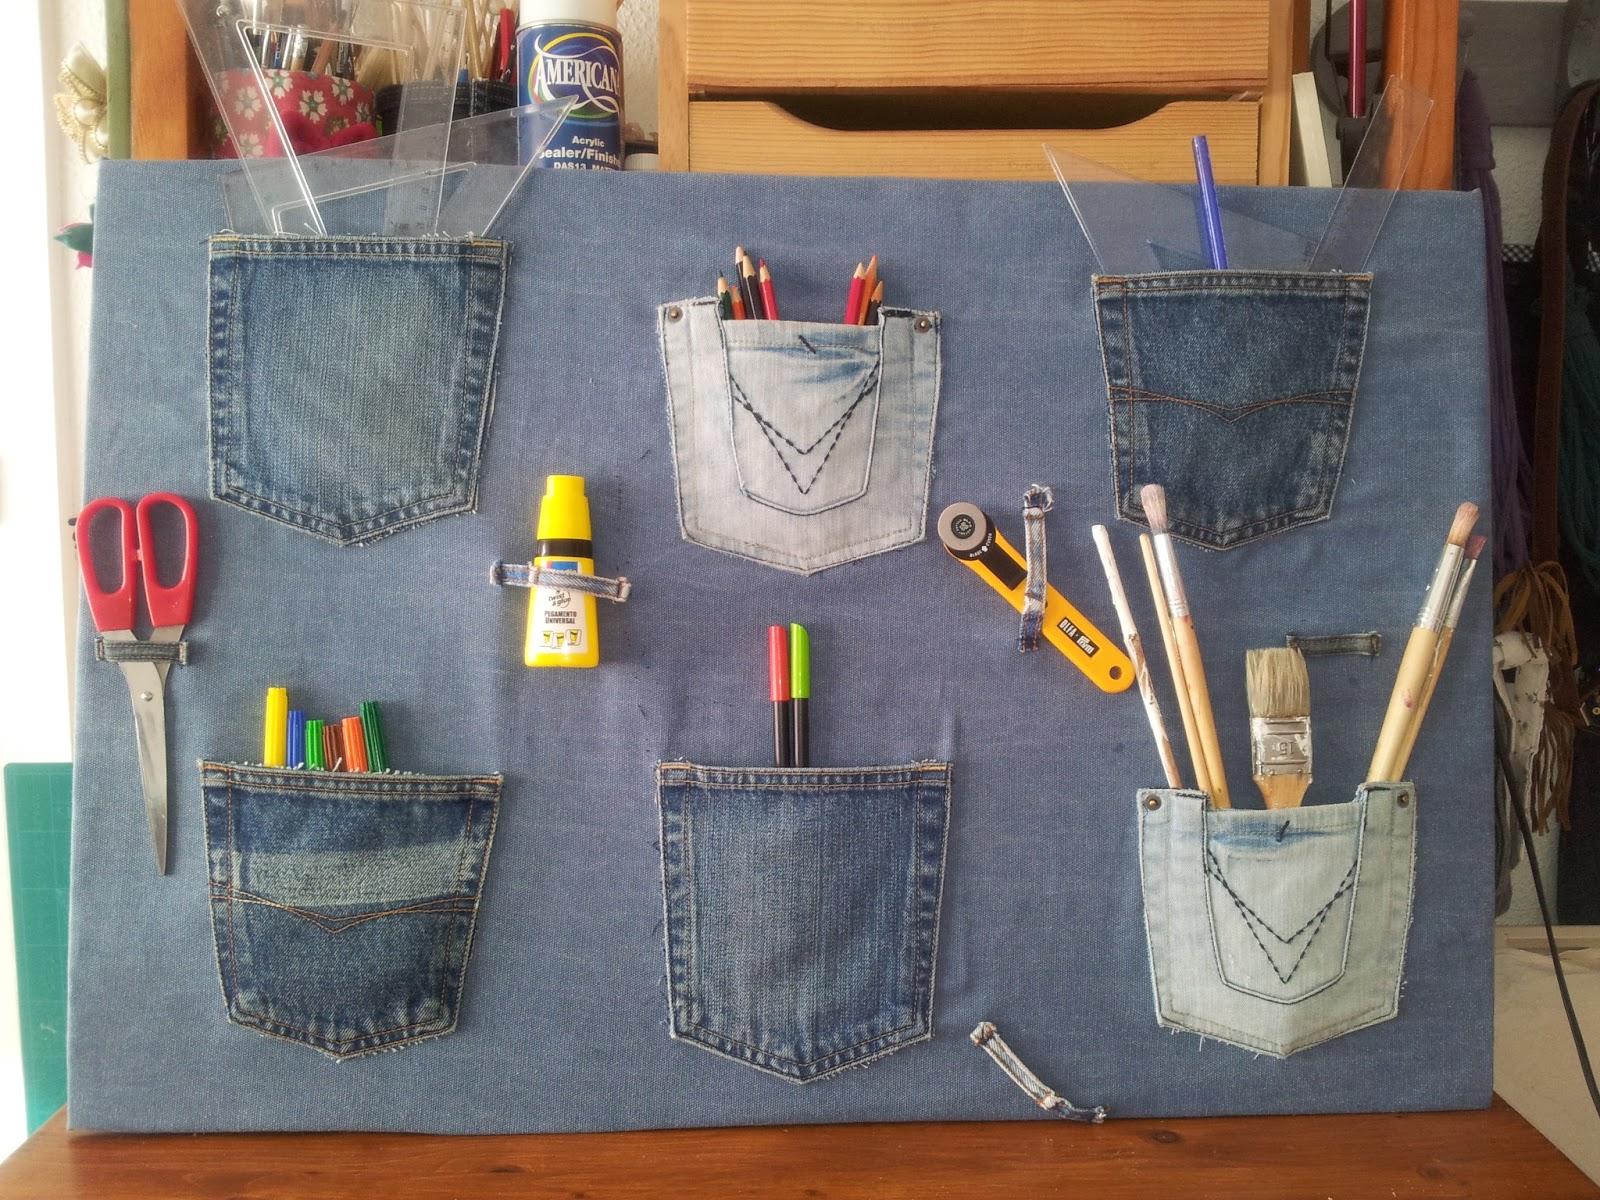 Colecci n de manualidades con pantalones vaqueros 11 imagenes educativas - Decorar pantalones vaqueros ...